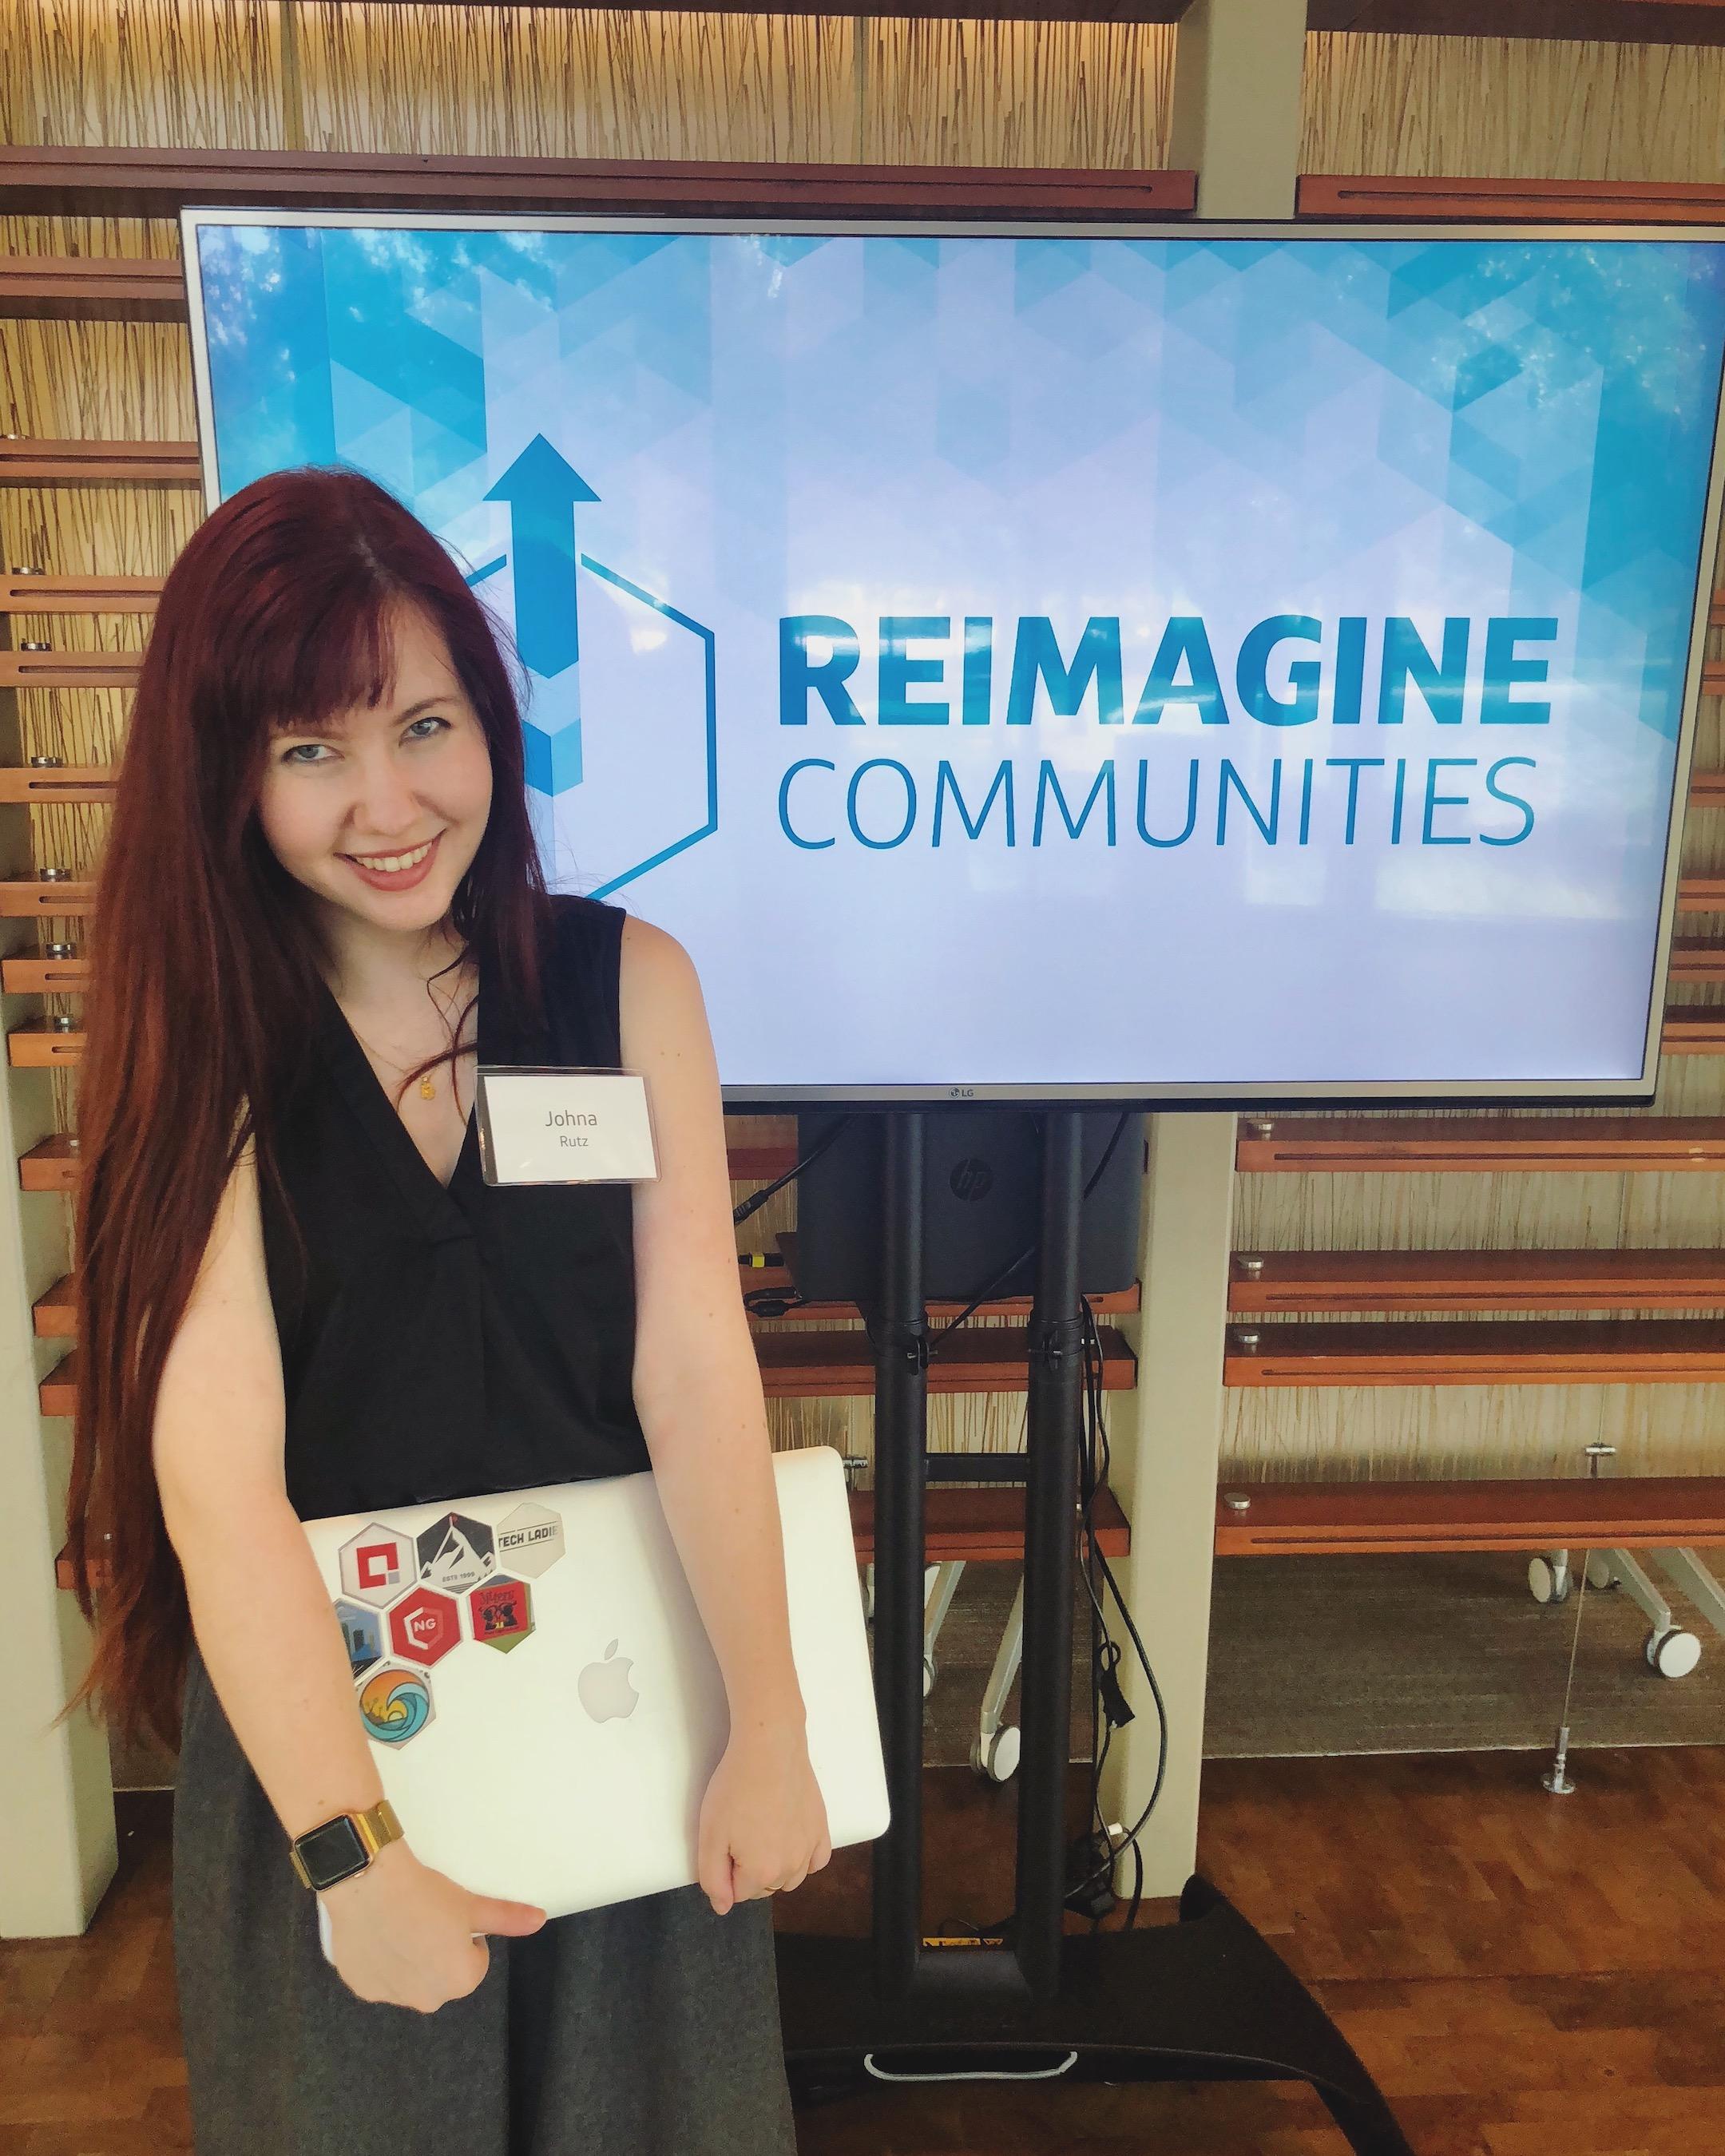 #Developer: Reimagine Communities Symposium 2018